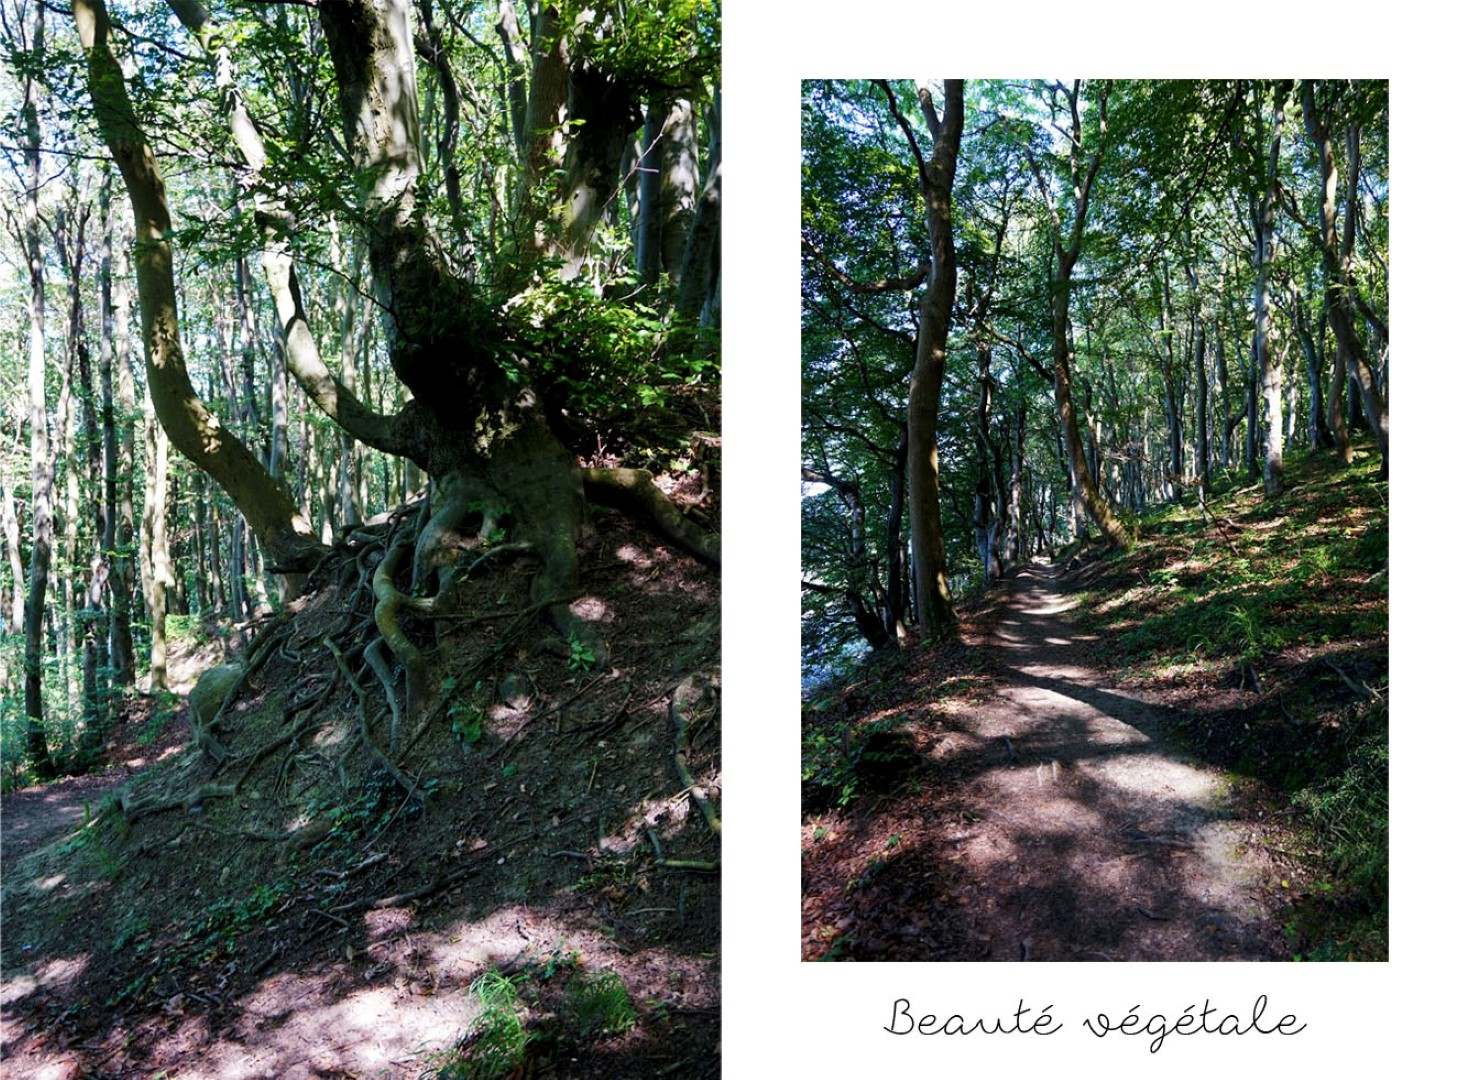 Randonnée dans le Parc National de Jasmund (Ile de Rügen) - Blog voyage